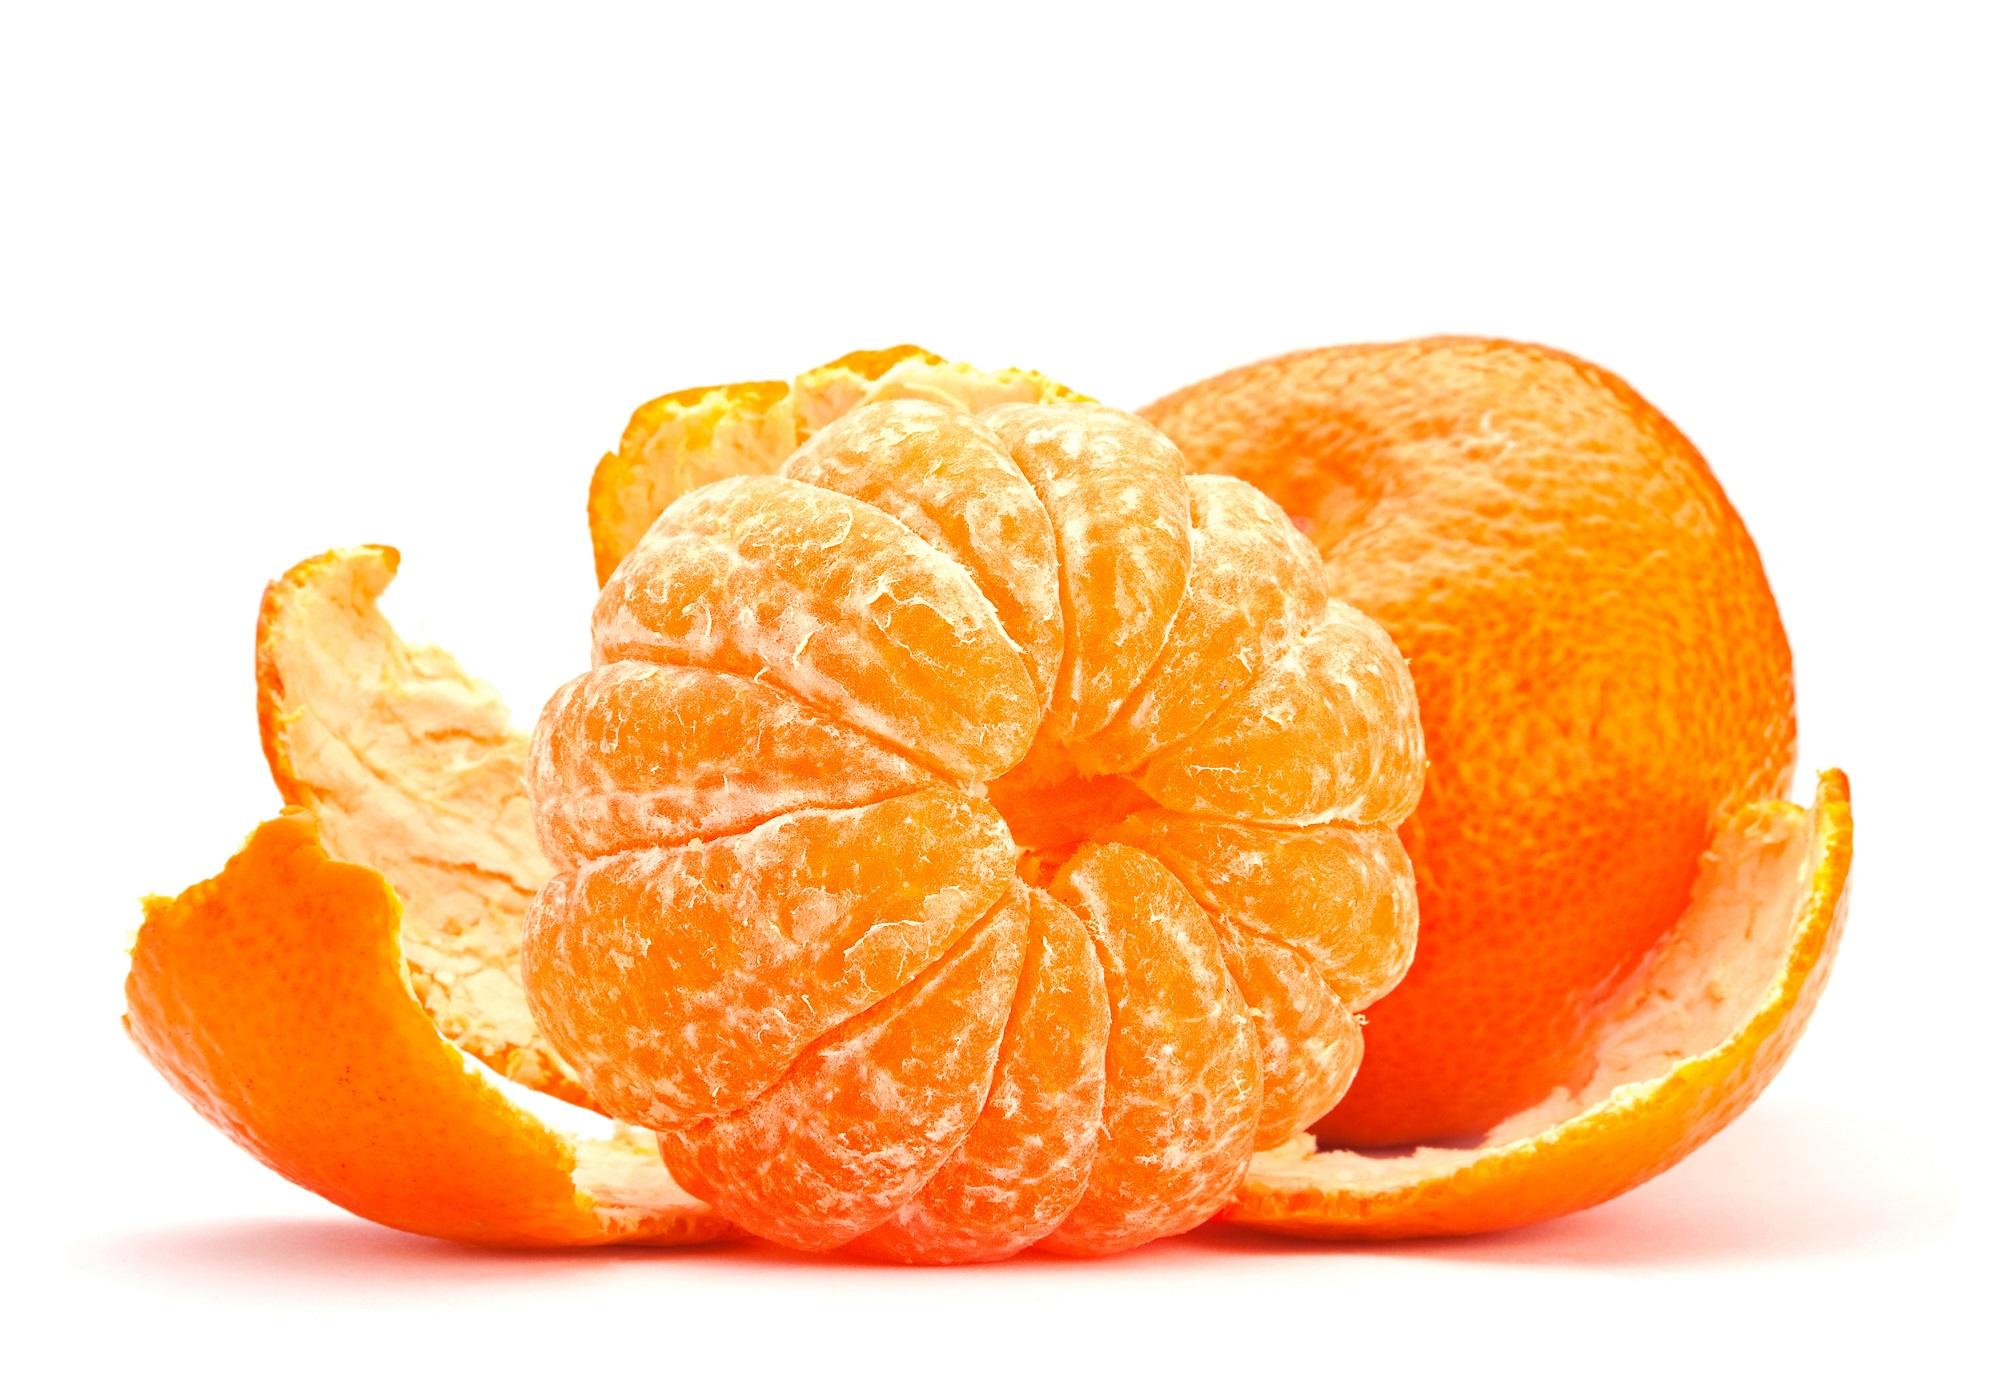 Open tangerine fruit isolated on white